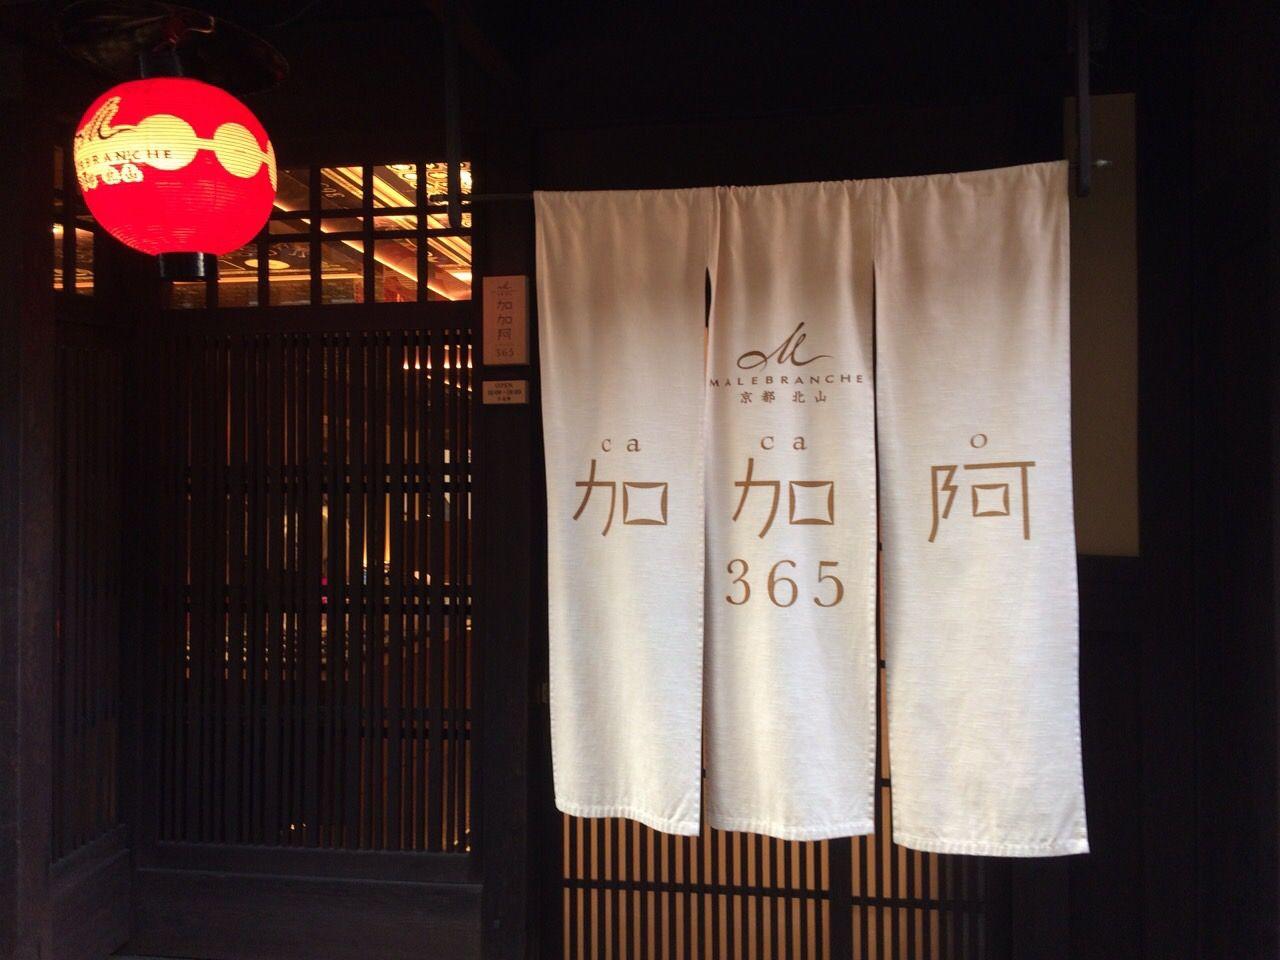 祇園花見小路から路地を入ると現れるマールブランシェのチョコレート専門店「加加阿365」